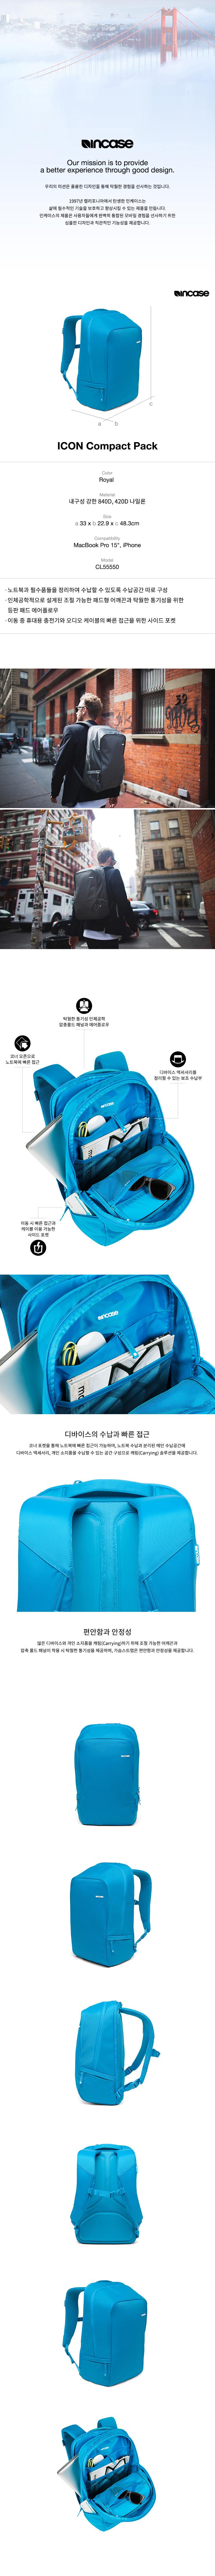 [인케이스]INCASE - Icon Compact Backpack CL55550 (Royal) 인케이스백팩 정품 백팩 가방 노트북가방 노트북백팩 15인치 15인치맥북 맥북